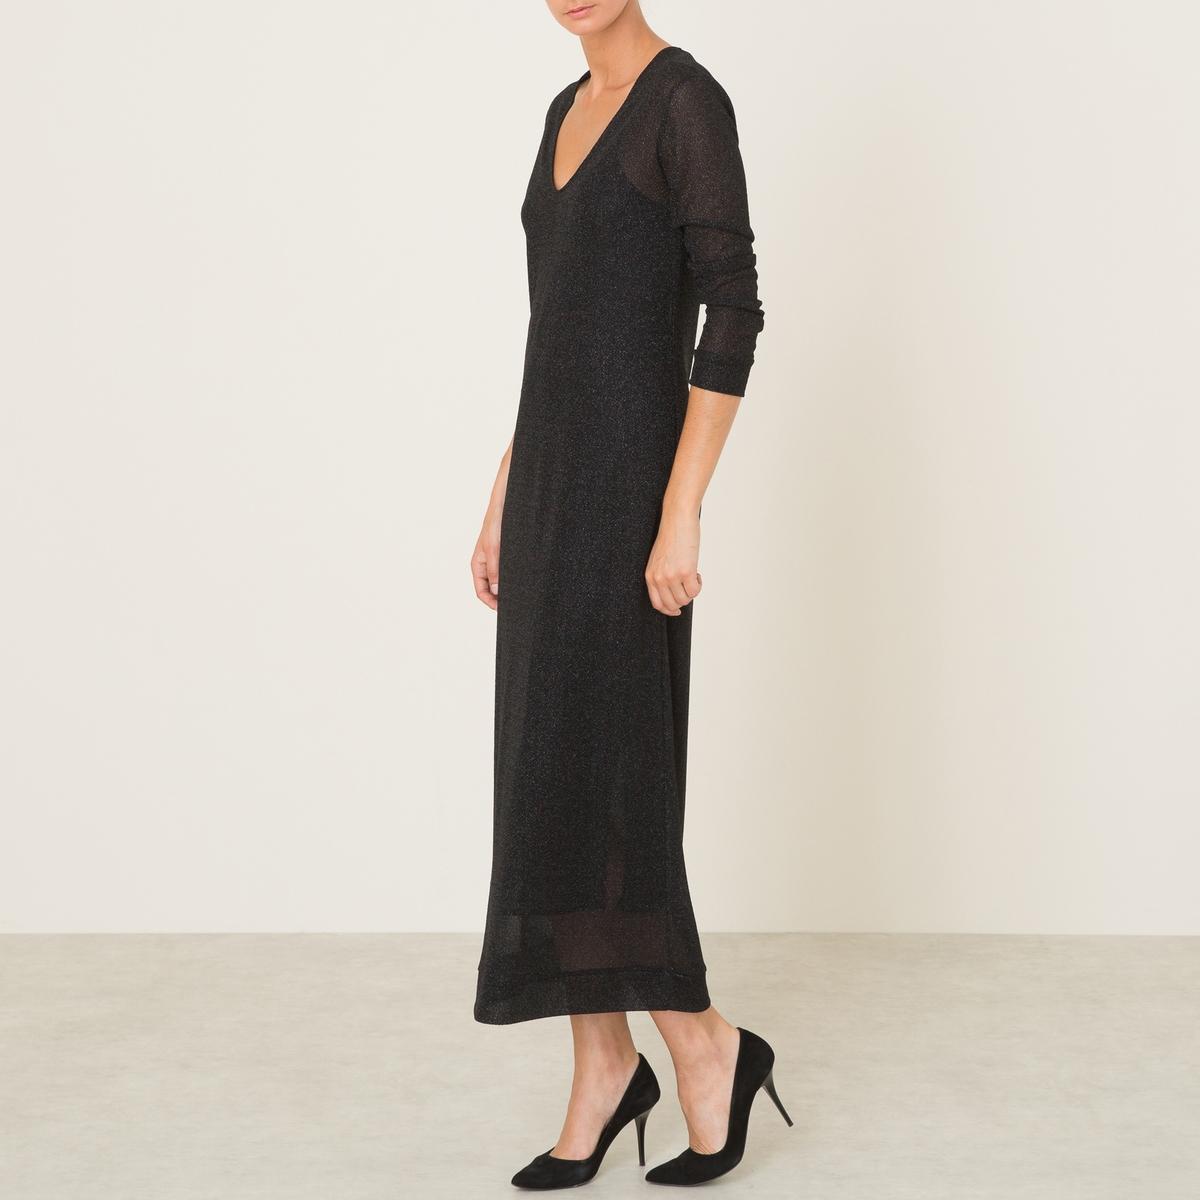 Платье длинное MABONДлинное платье - модель MABON, из люрекса. V-образный вырез. Длинные рукава. С подкладкой и регулируемыми бретелями.Состав и описание :Материал : 58% нейлона, 42% полиэстераПодкладка    : 100% вискозаМарка : MOMONI<br><br>Цвет: черный<br>Размер: S.XS